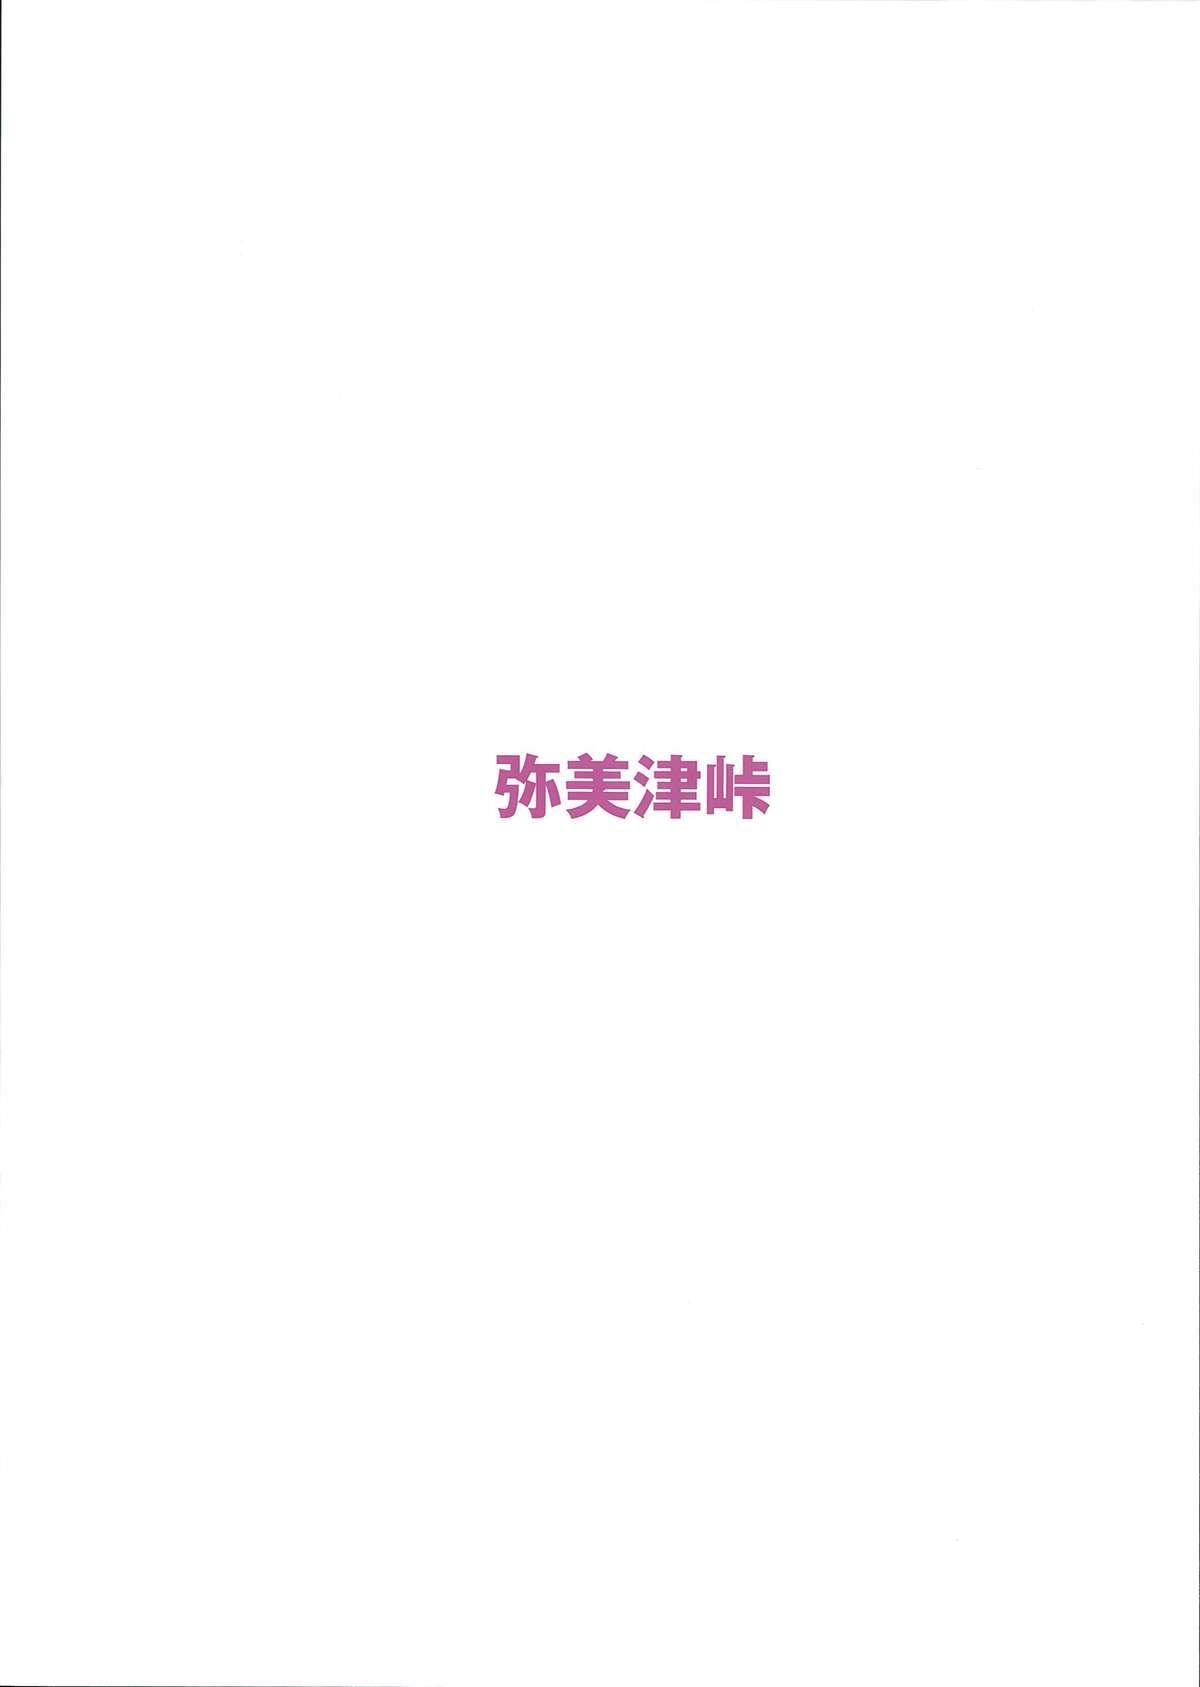 Nakadashi Senyou NozoEri Sou 2